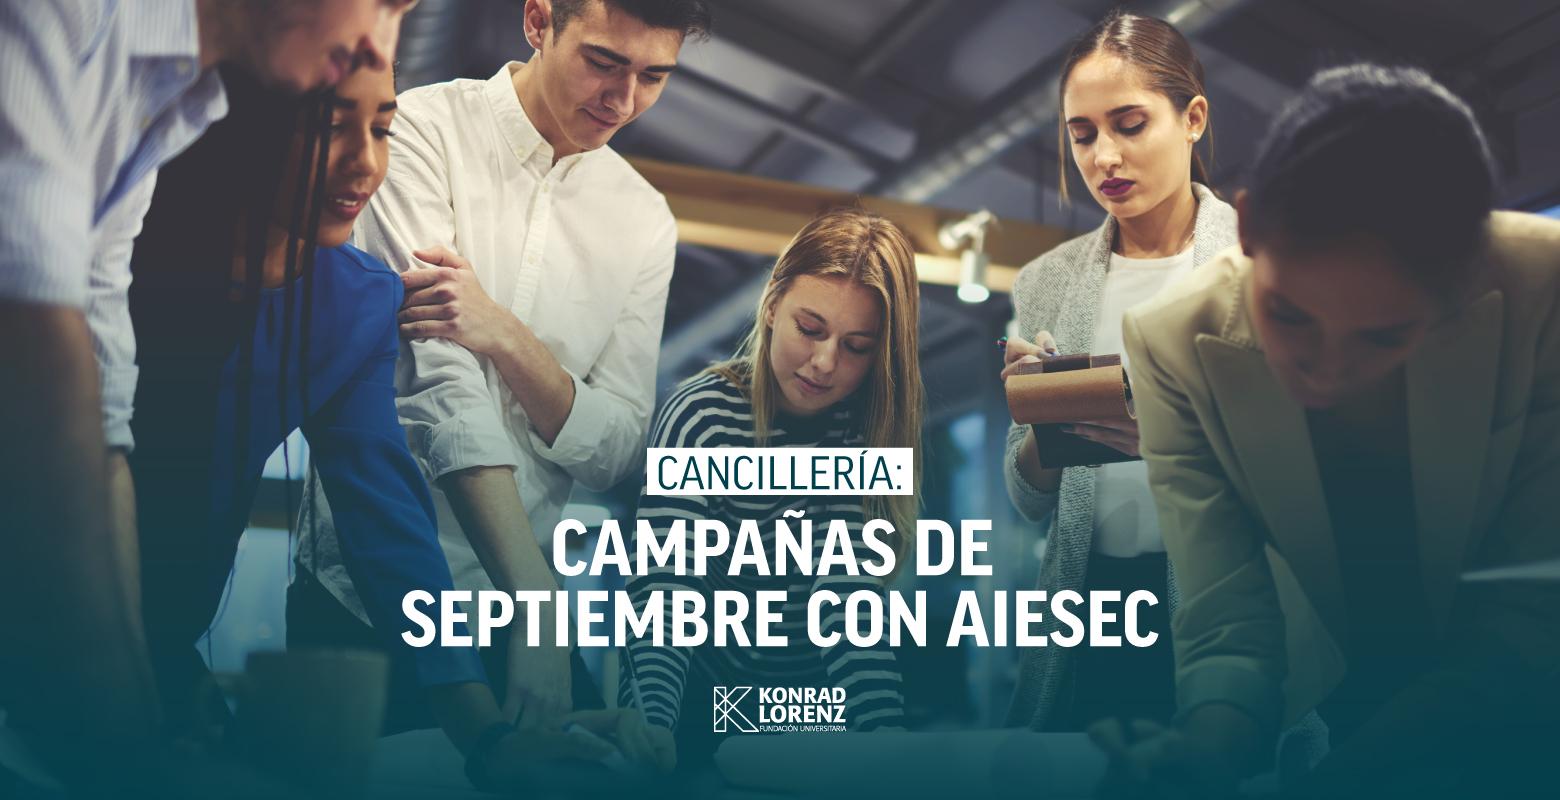 Cancillería: Campañas de Septiembre con AIESEC